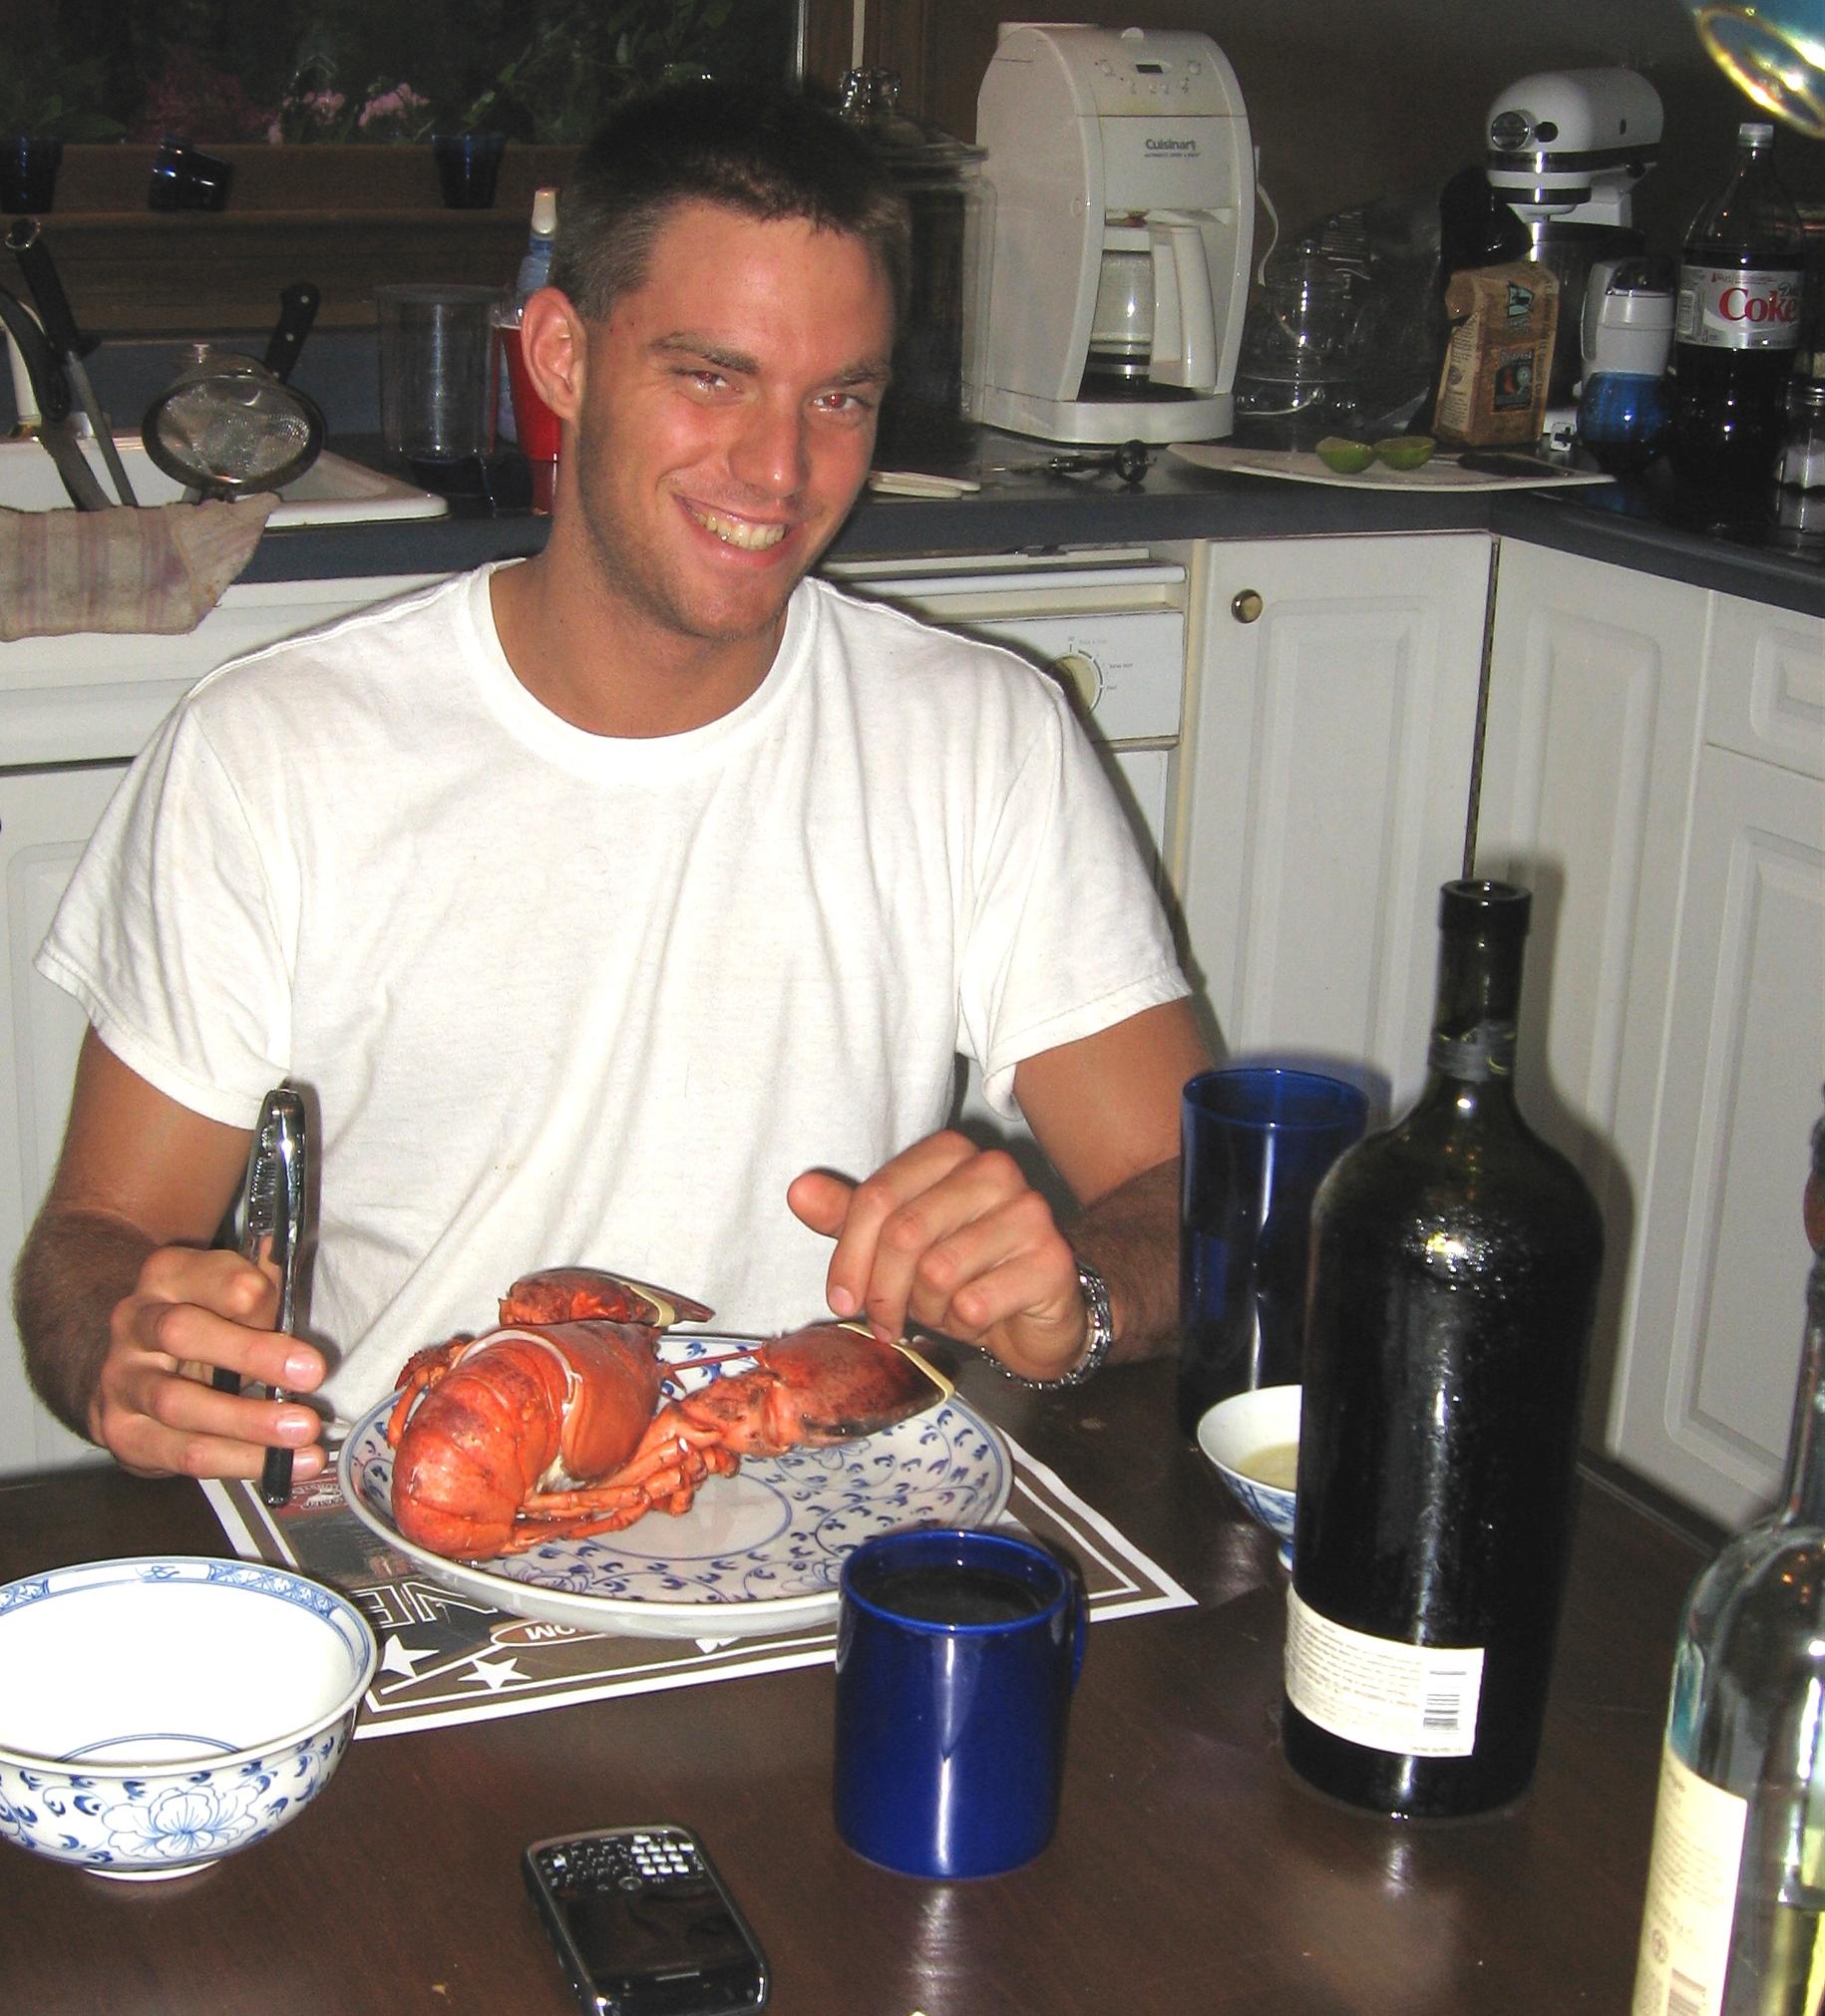 Rib Boy eating lobster.